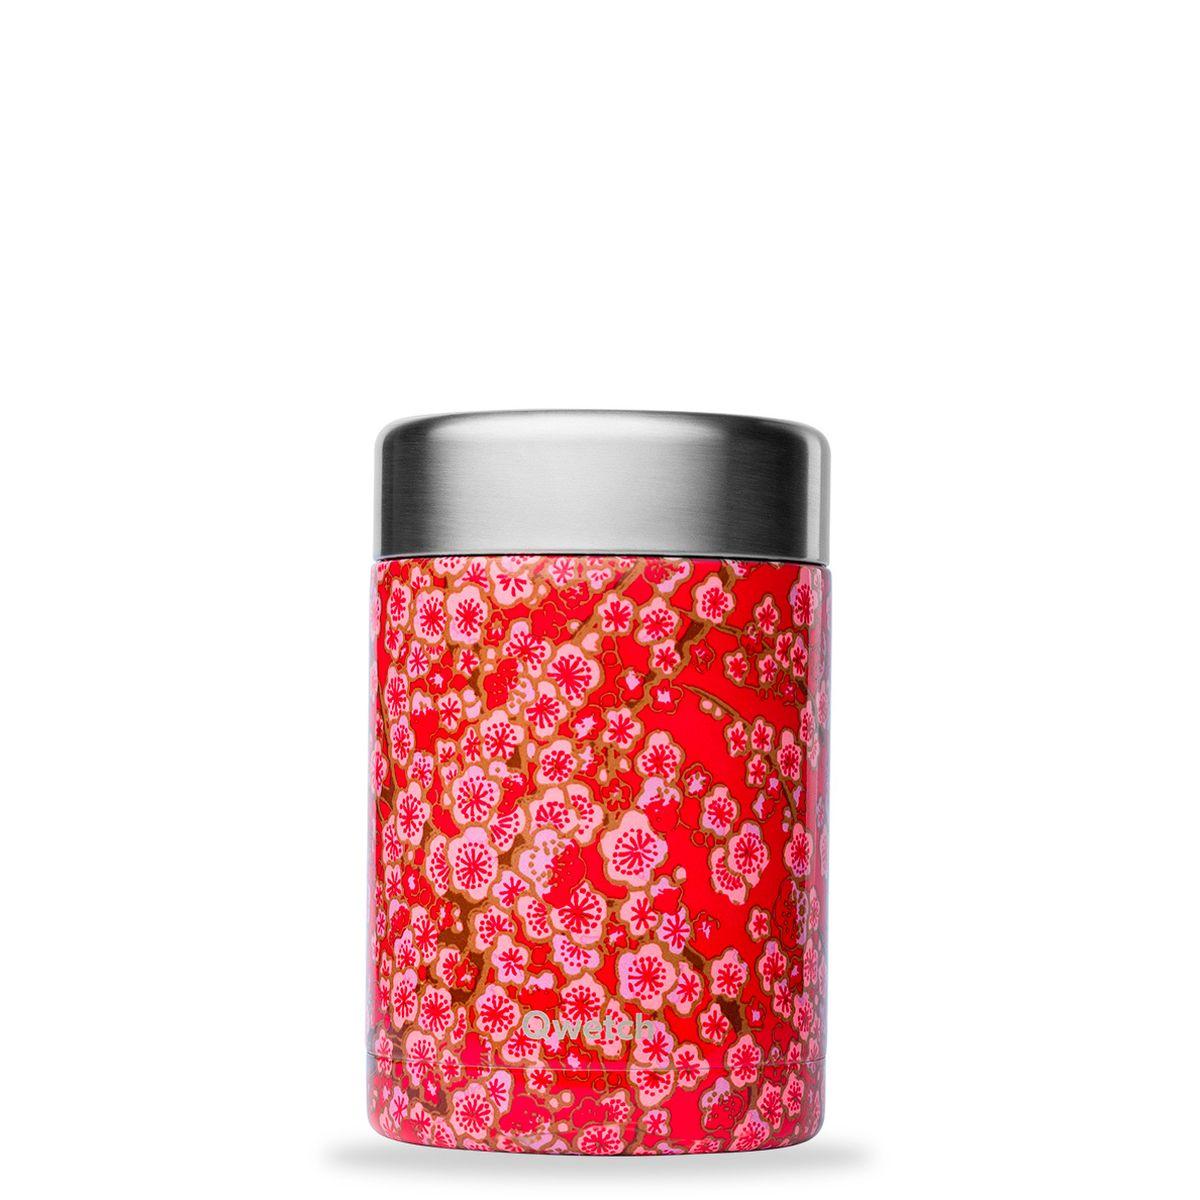 Boîte repas et soupe en inox Flowers 650ml - Qwetch